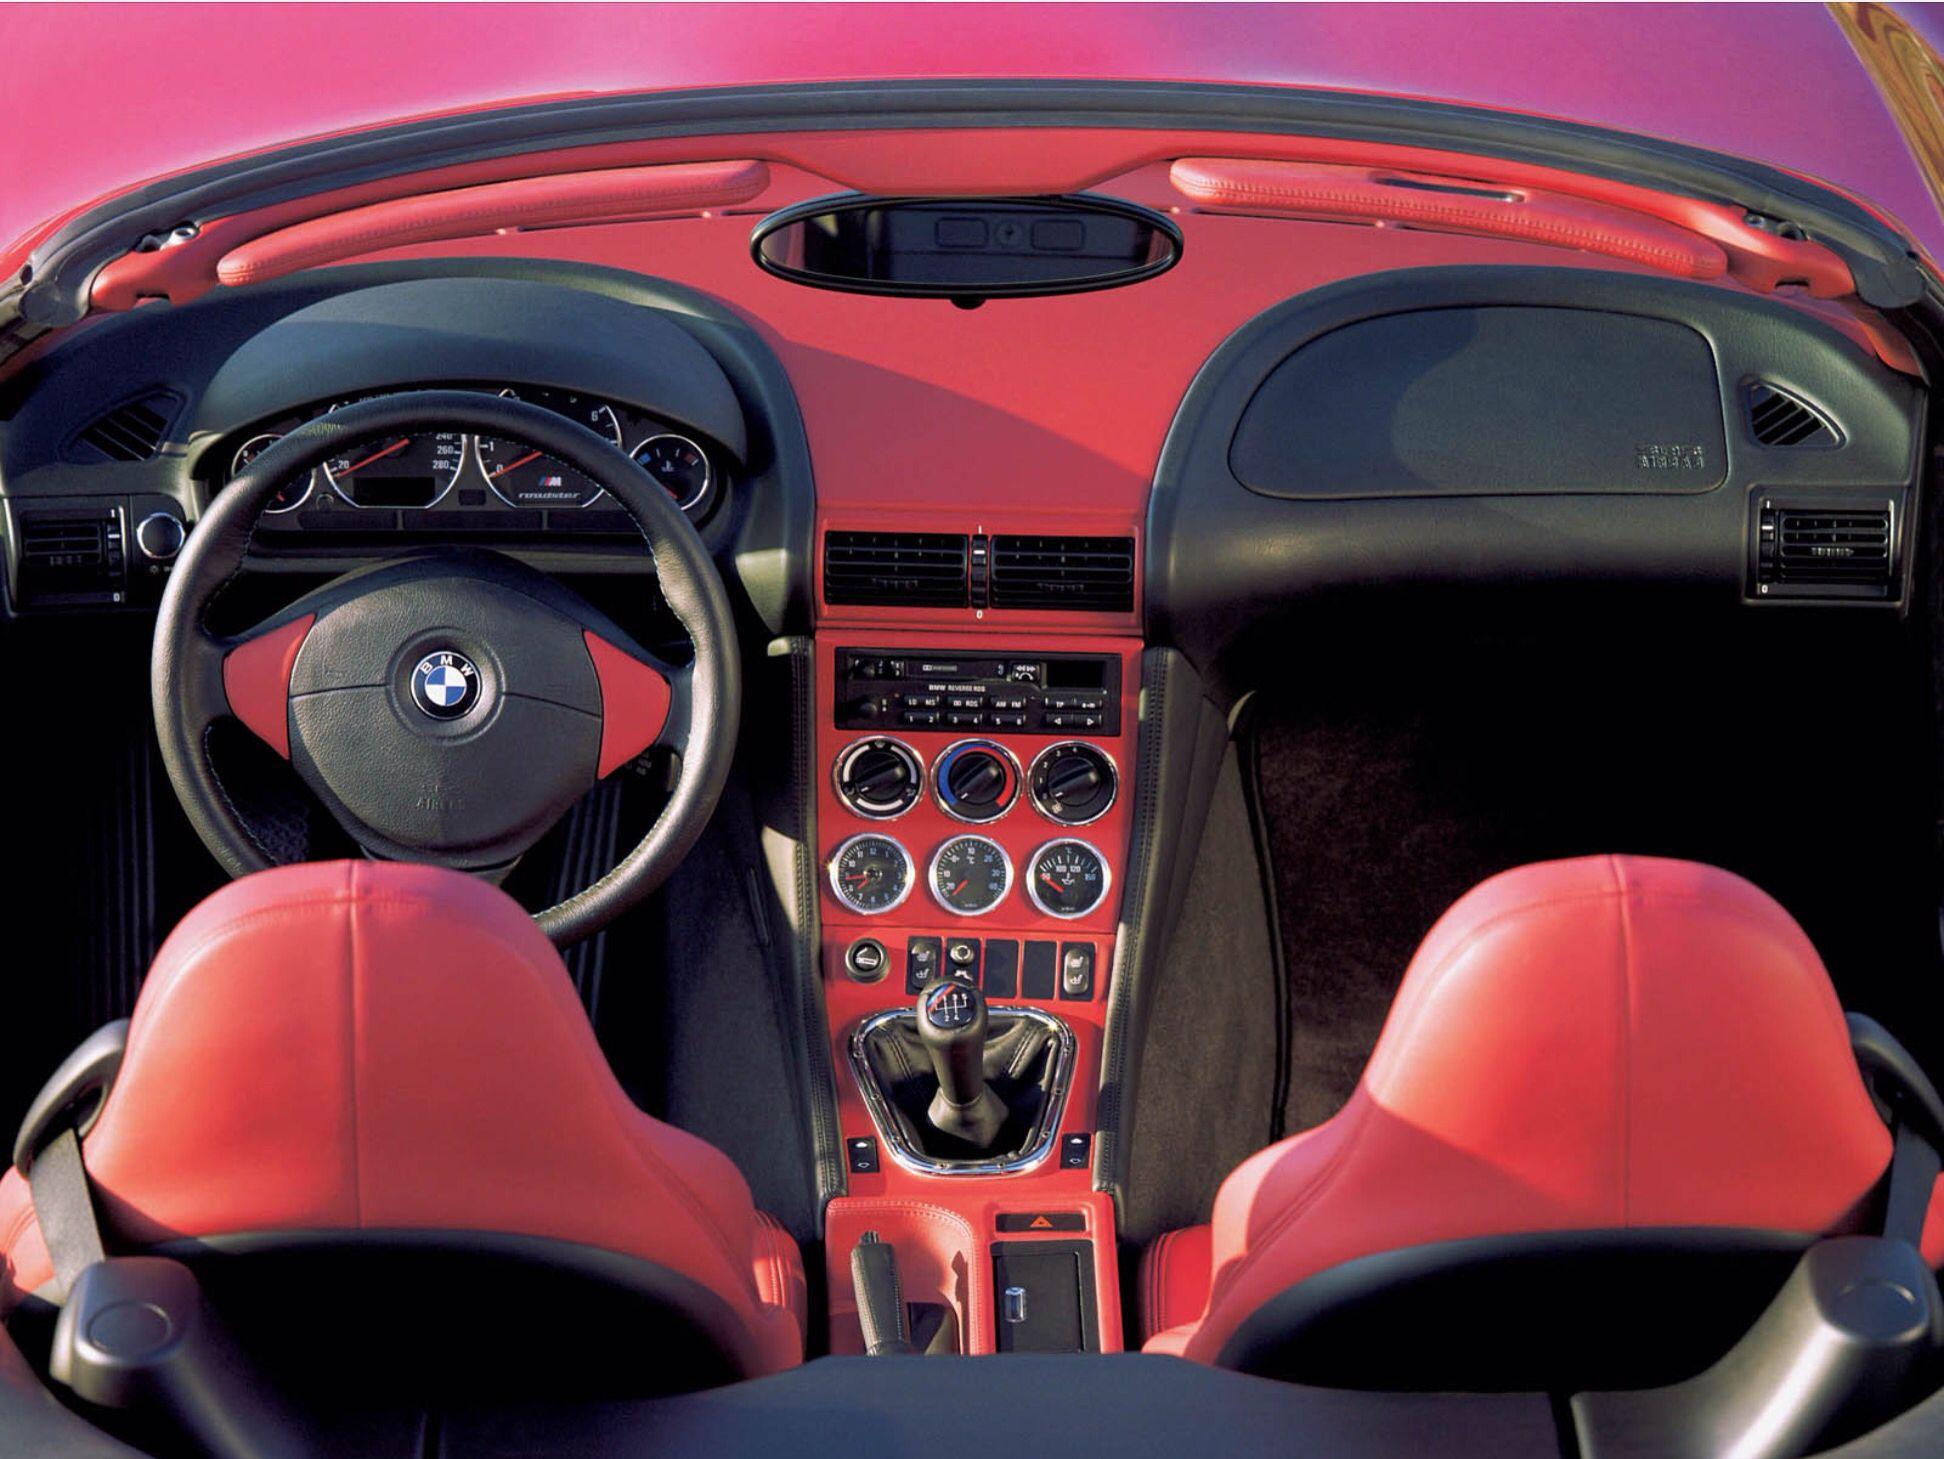 Bmw Z3 M Roadster Mine Has This Fabulous Interior Colour Scheme